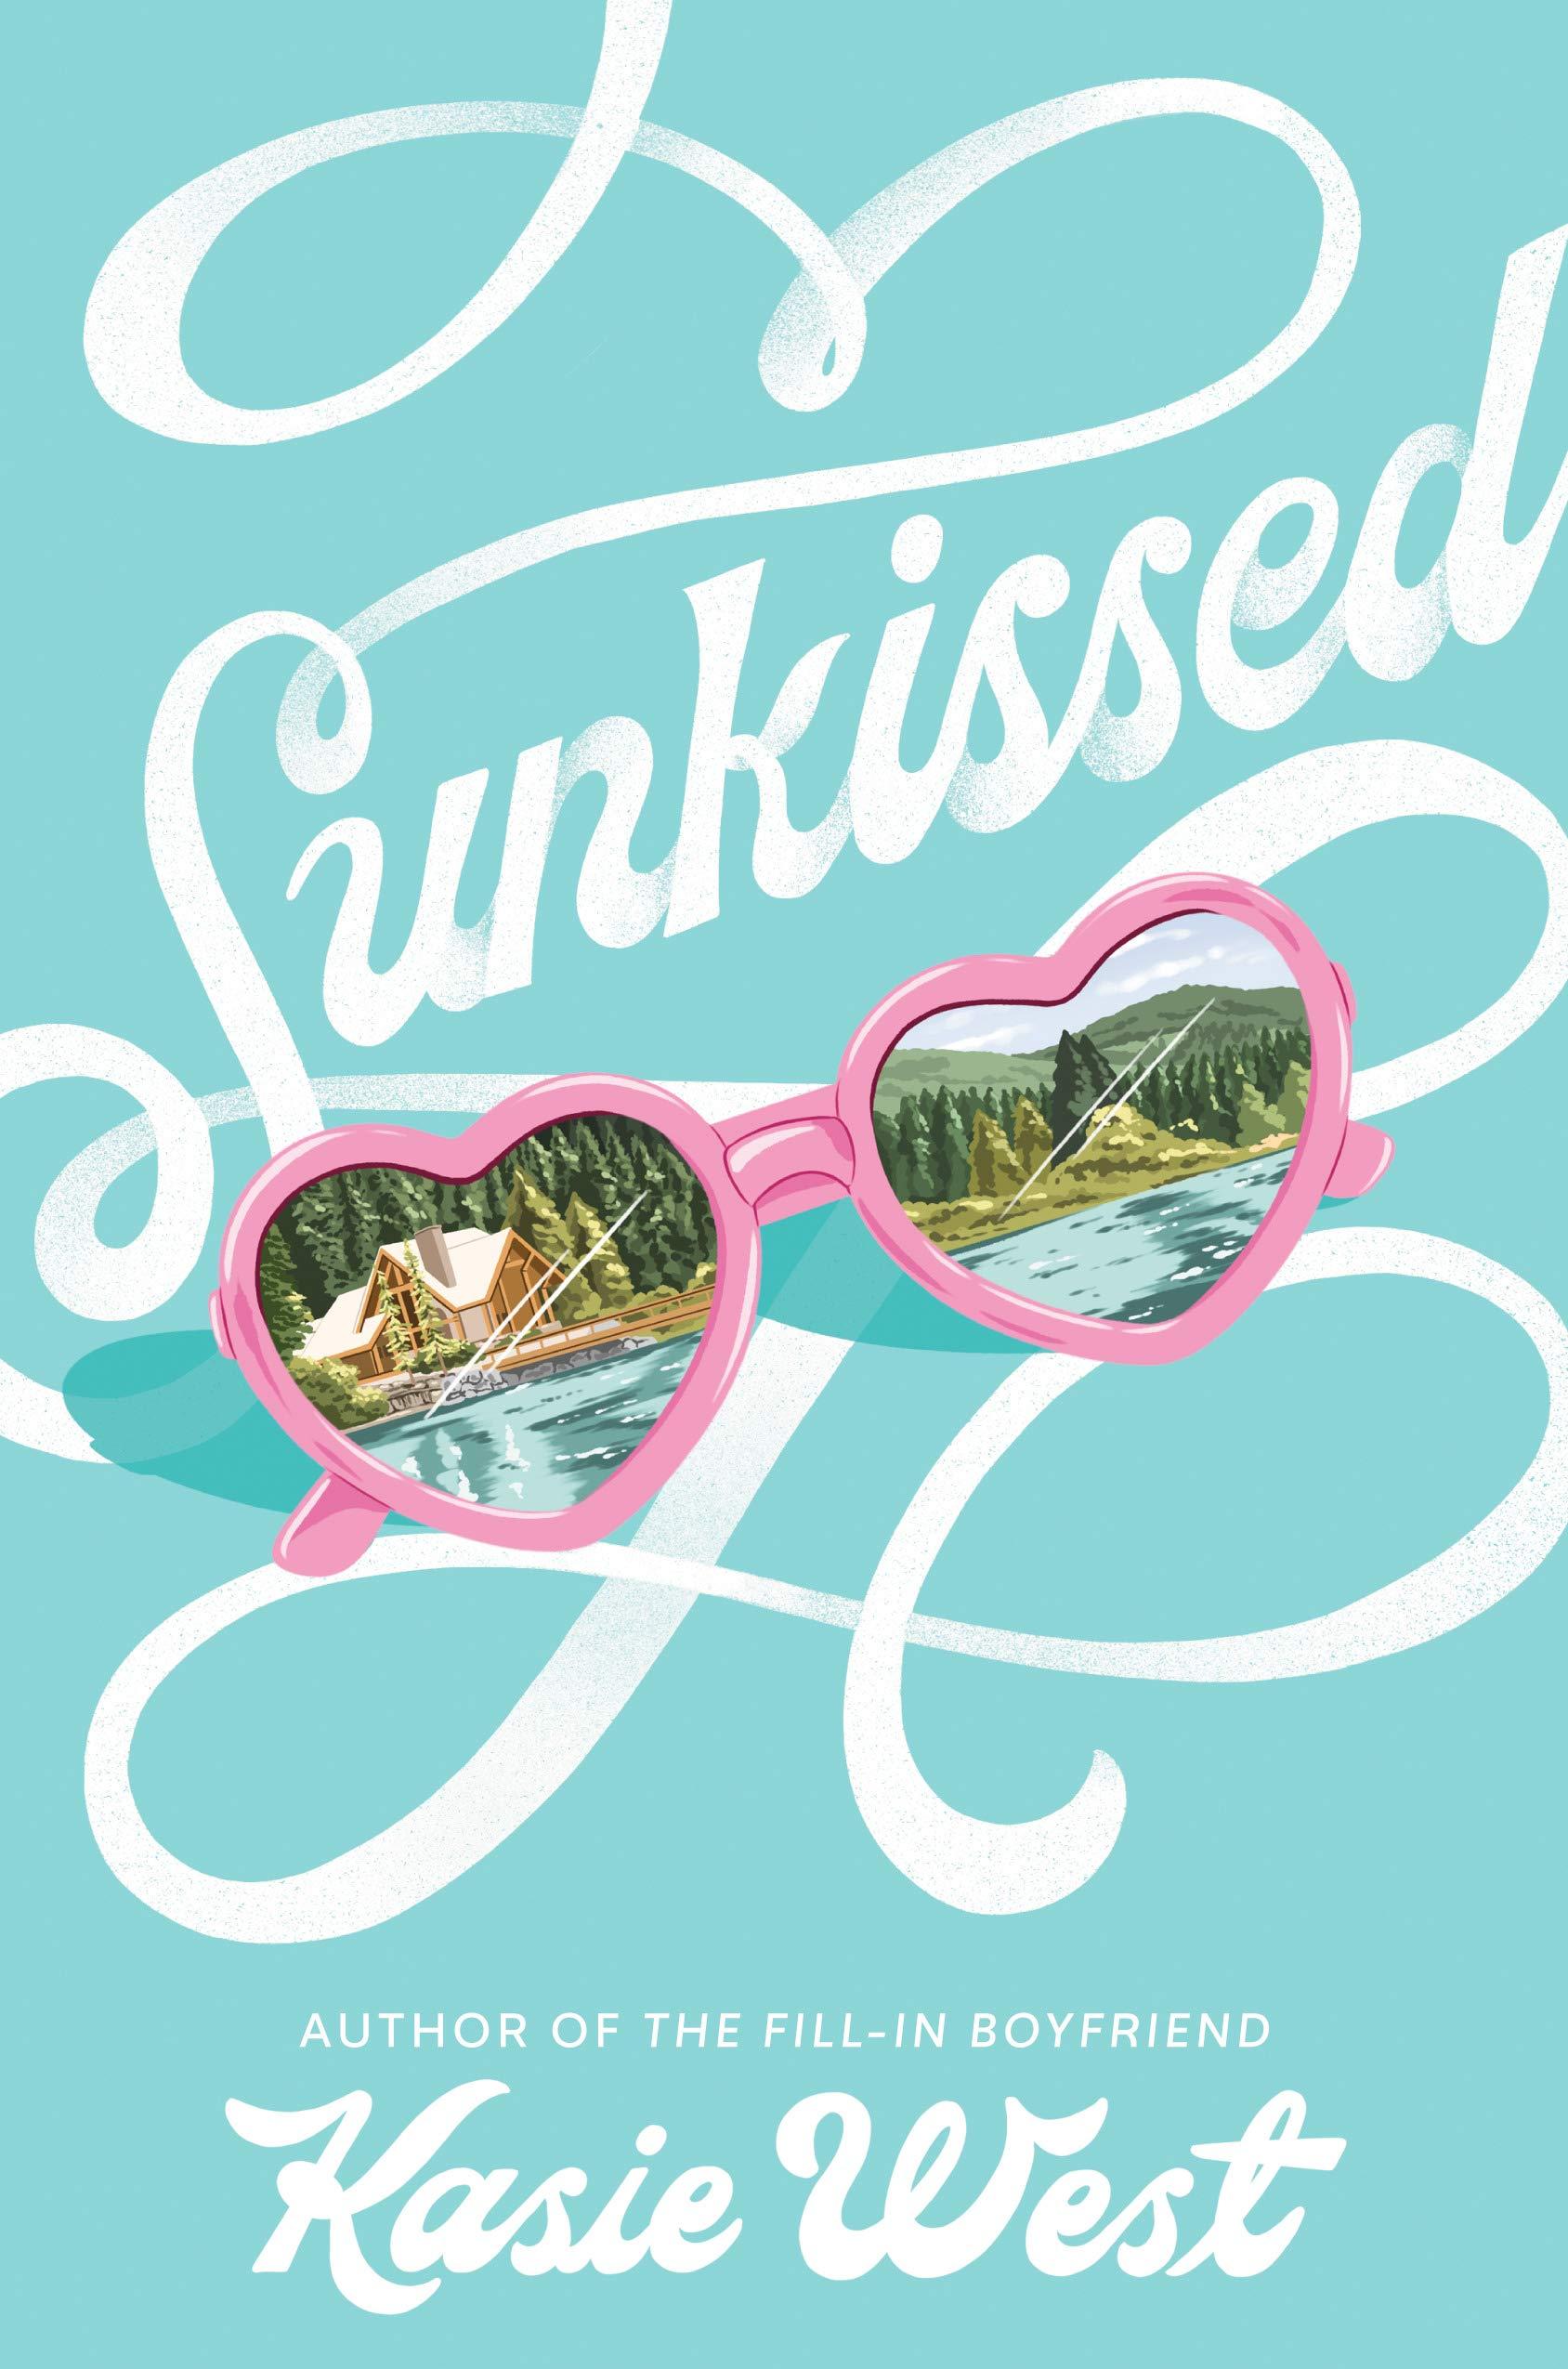 Sunkissed: West, Kasie: 9780593176269: Books - Amazon.ca